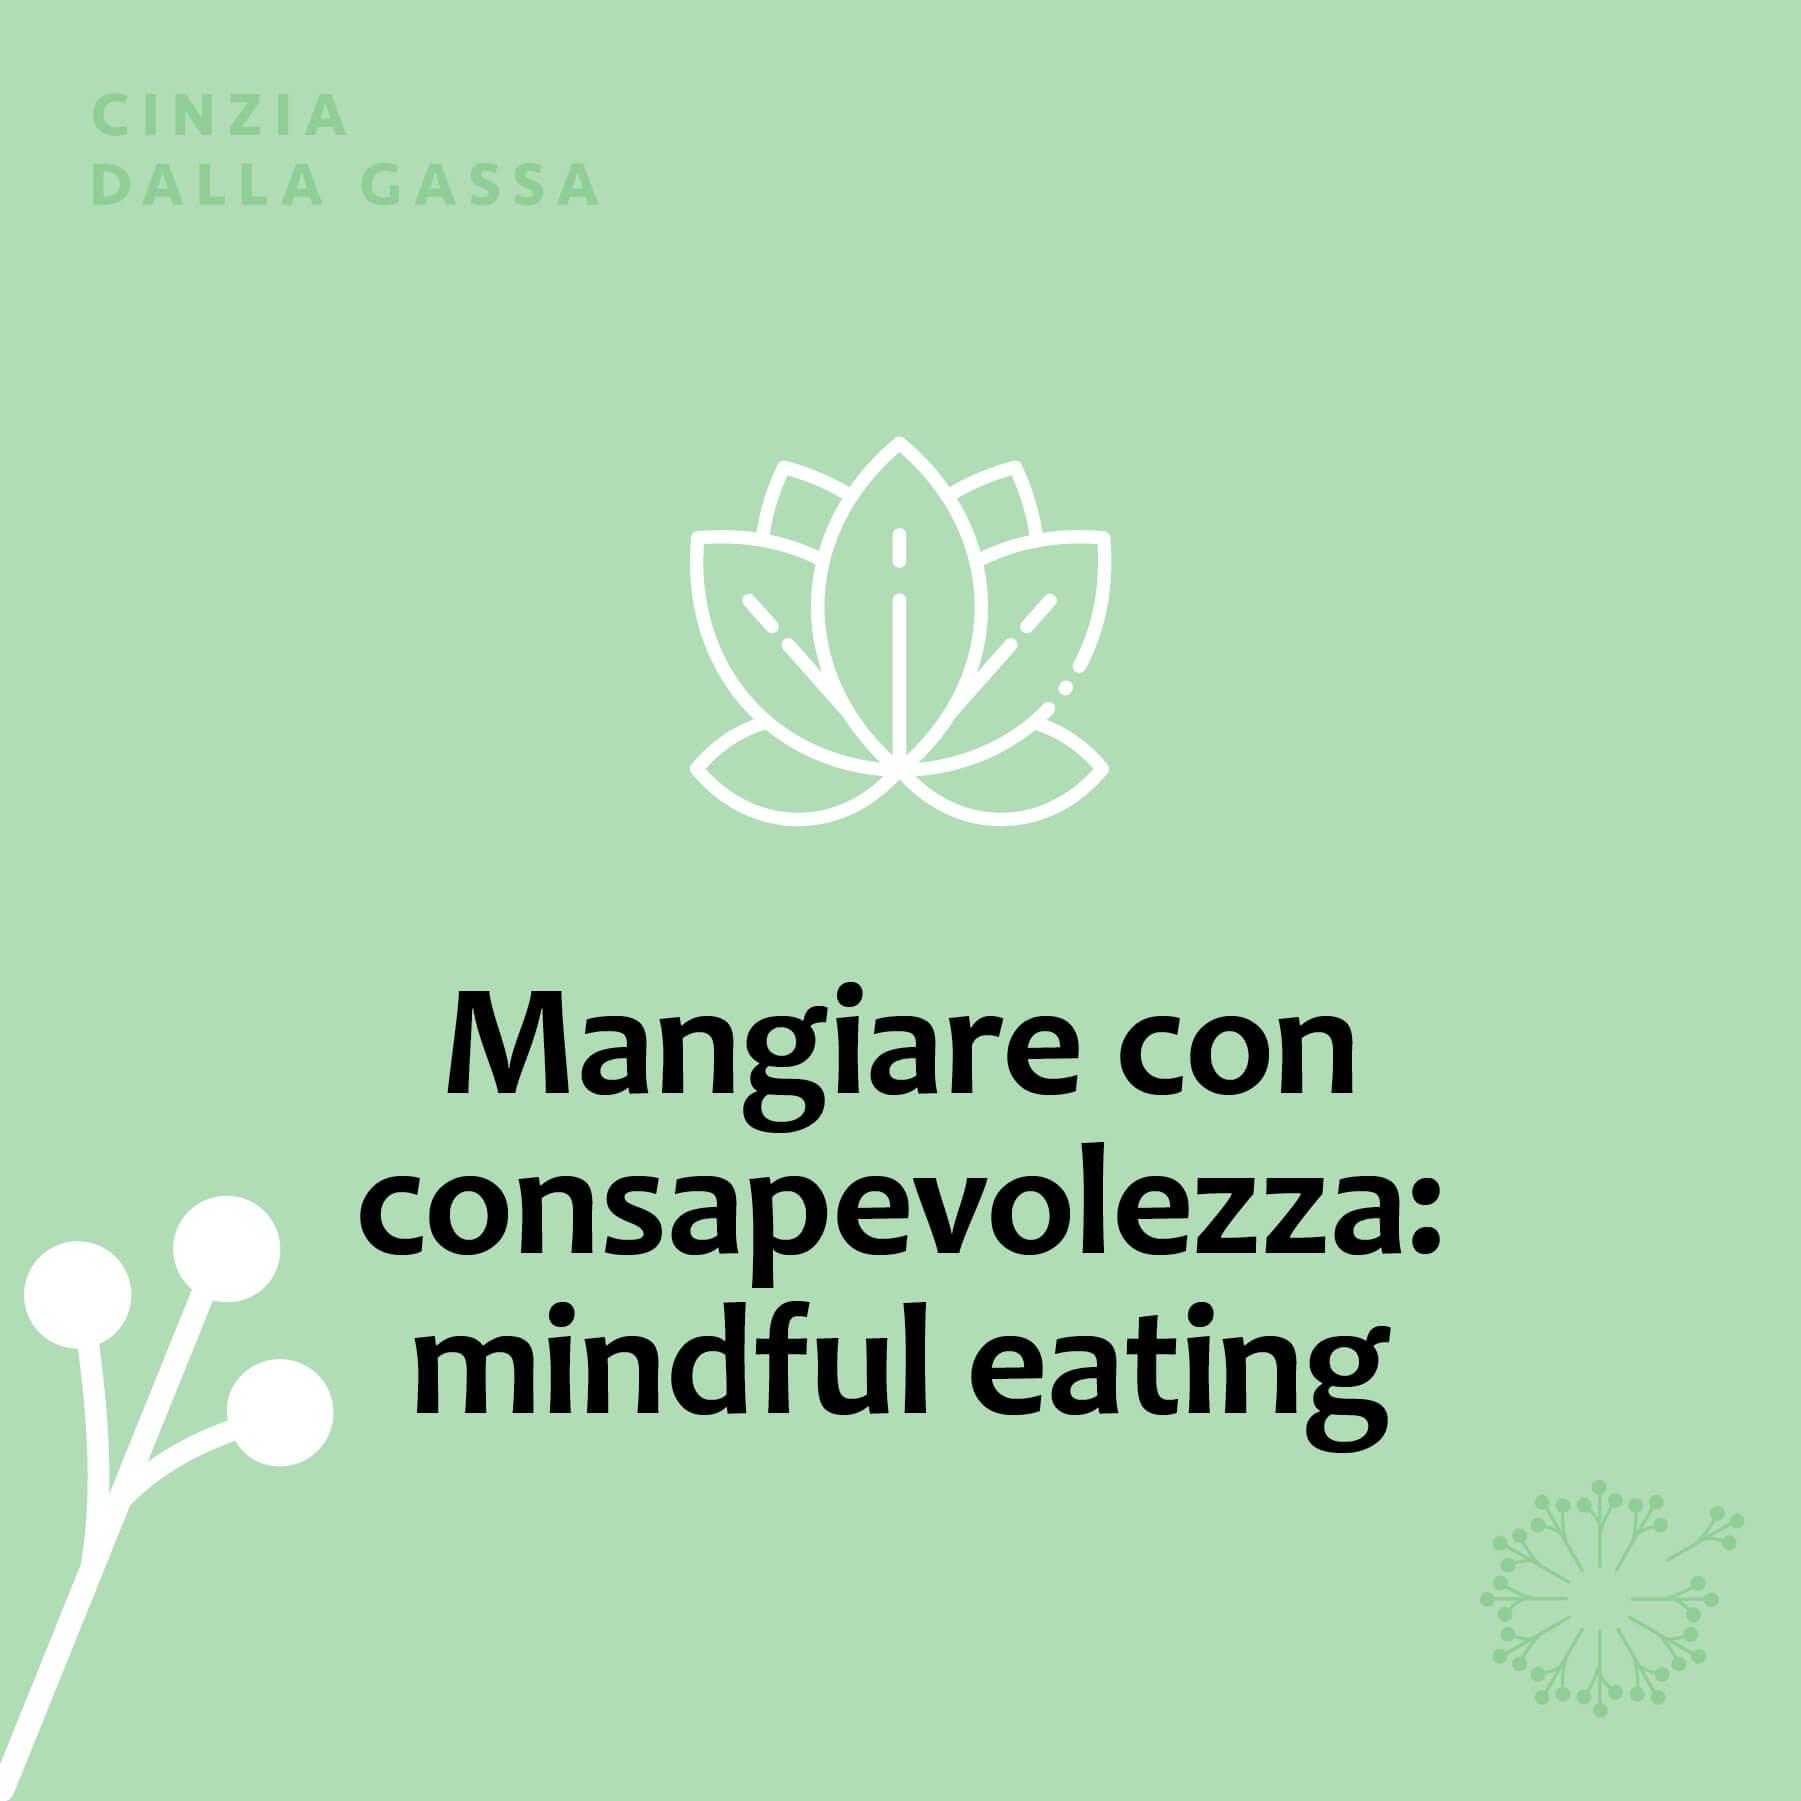 Mangiare con consapevolezza il mindful eating